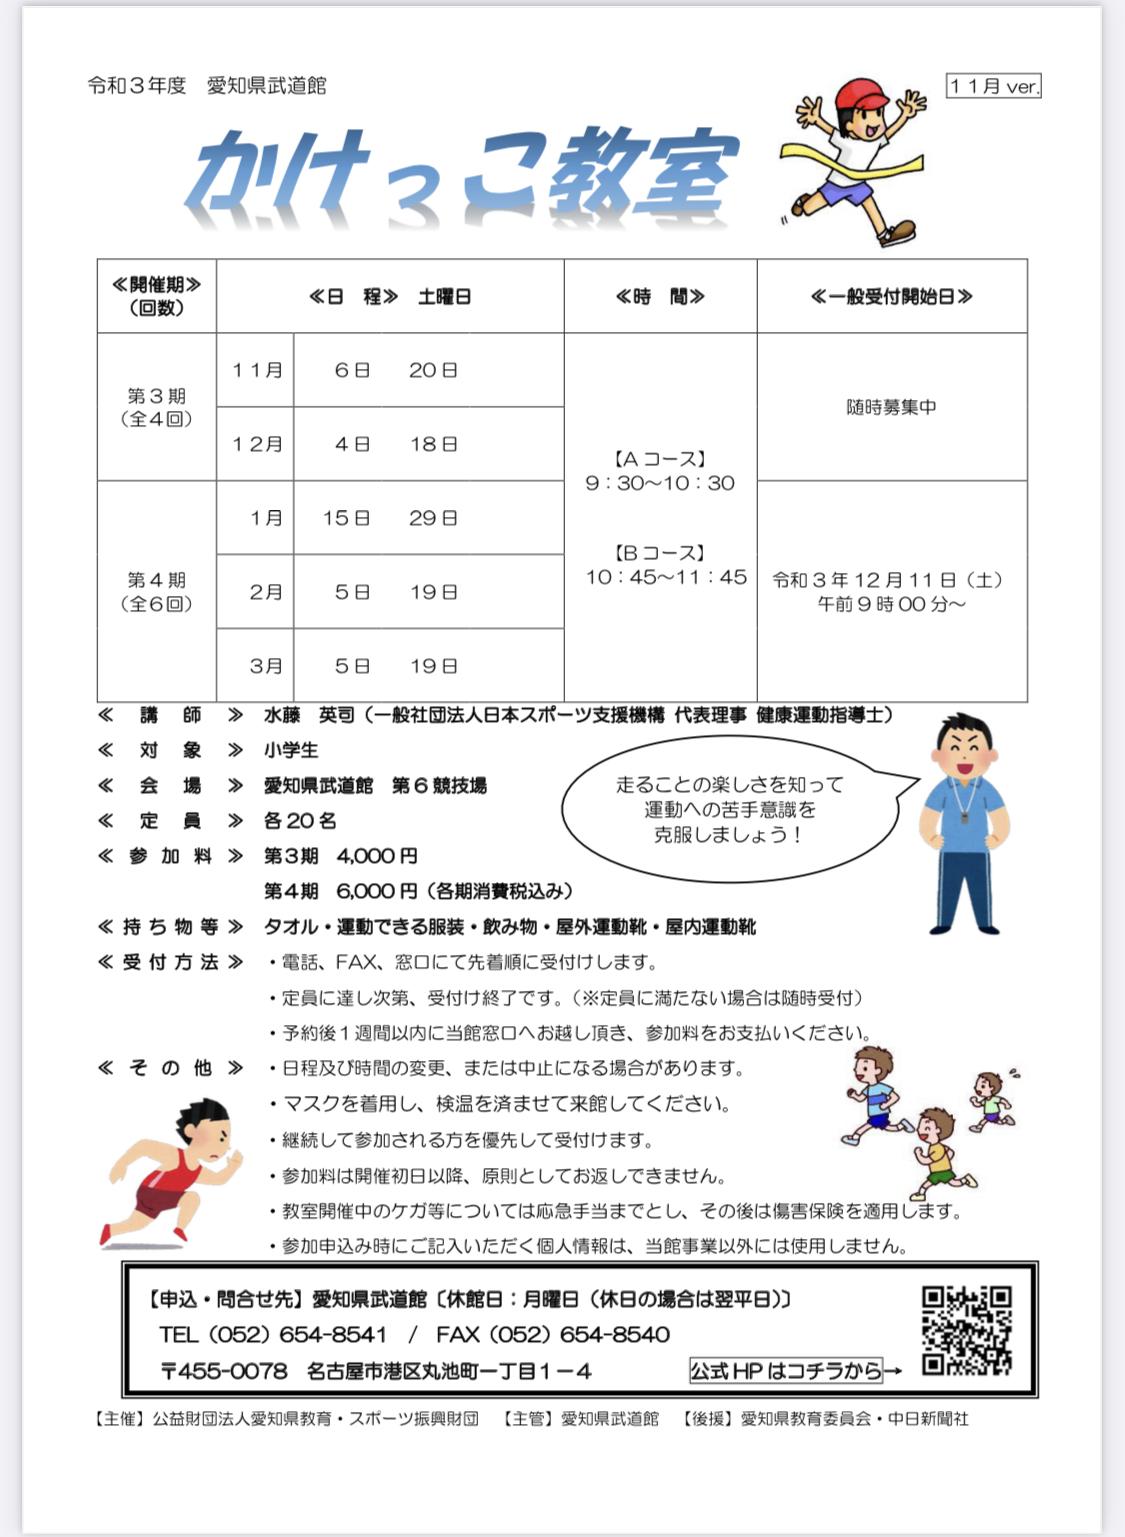 愛知県武道館 かけっこ教室再開のお知らせ